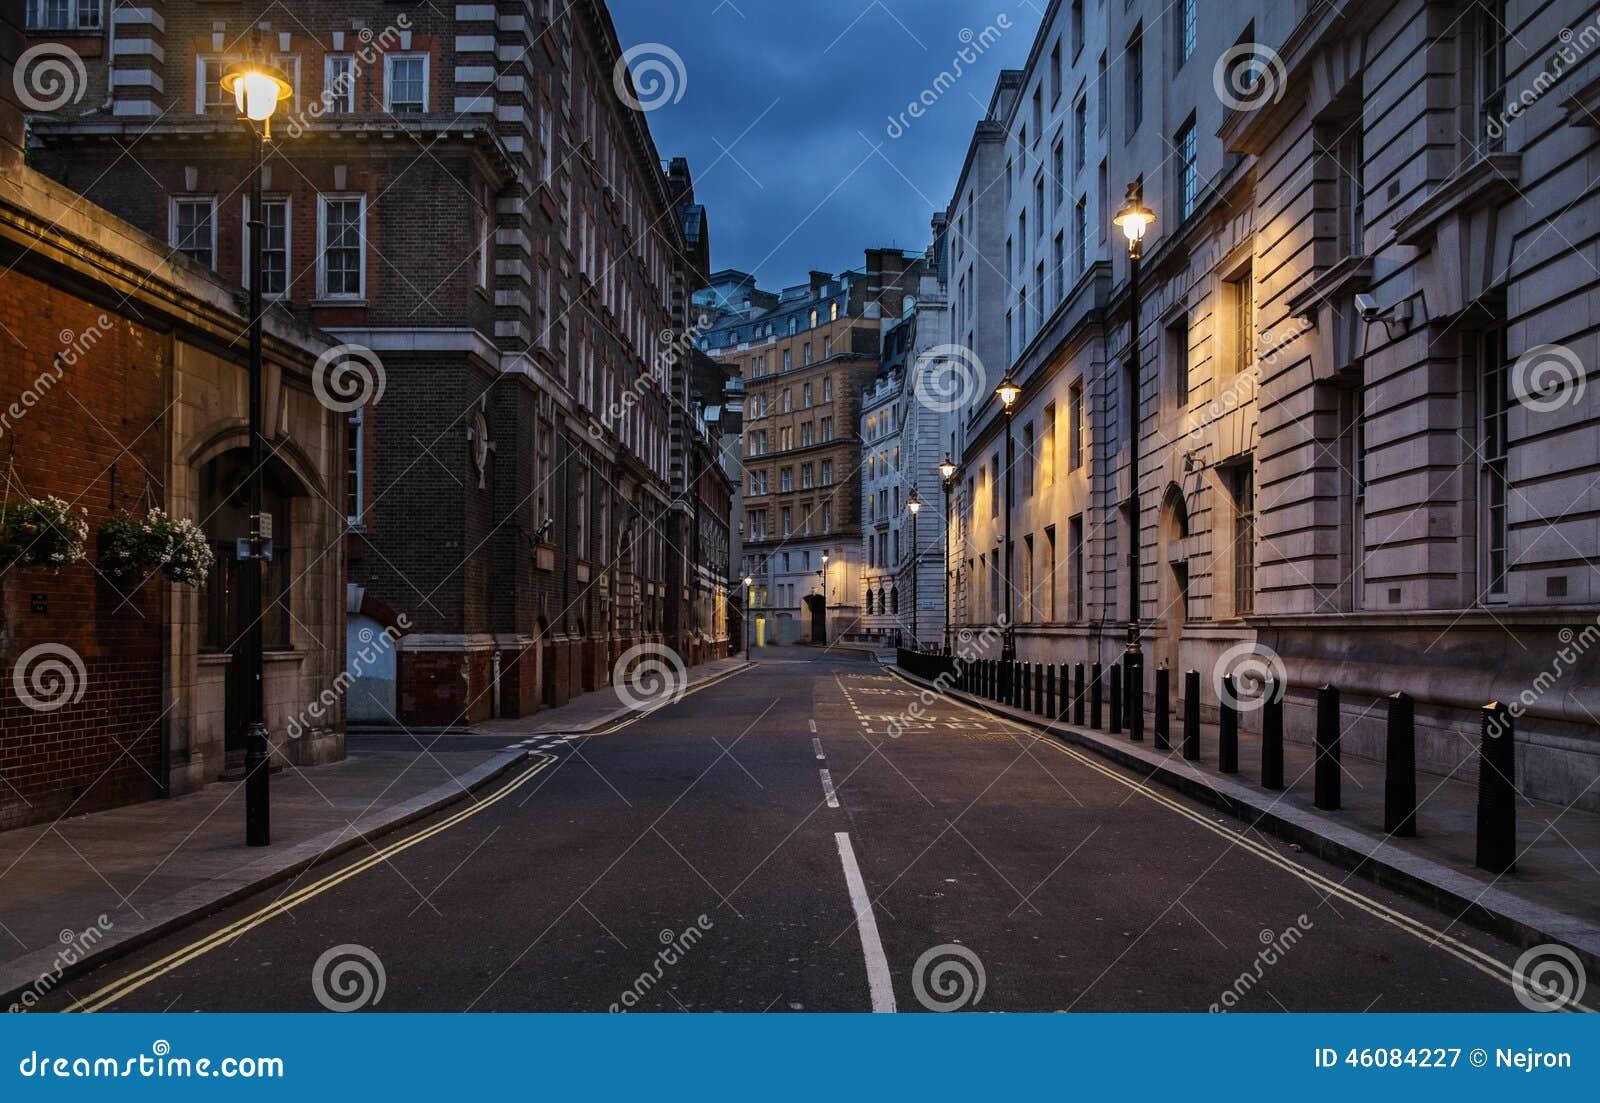 Pusta ulica Londyn